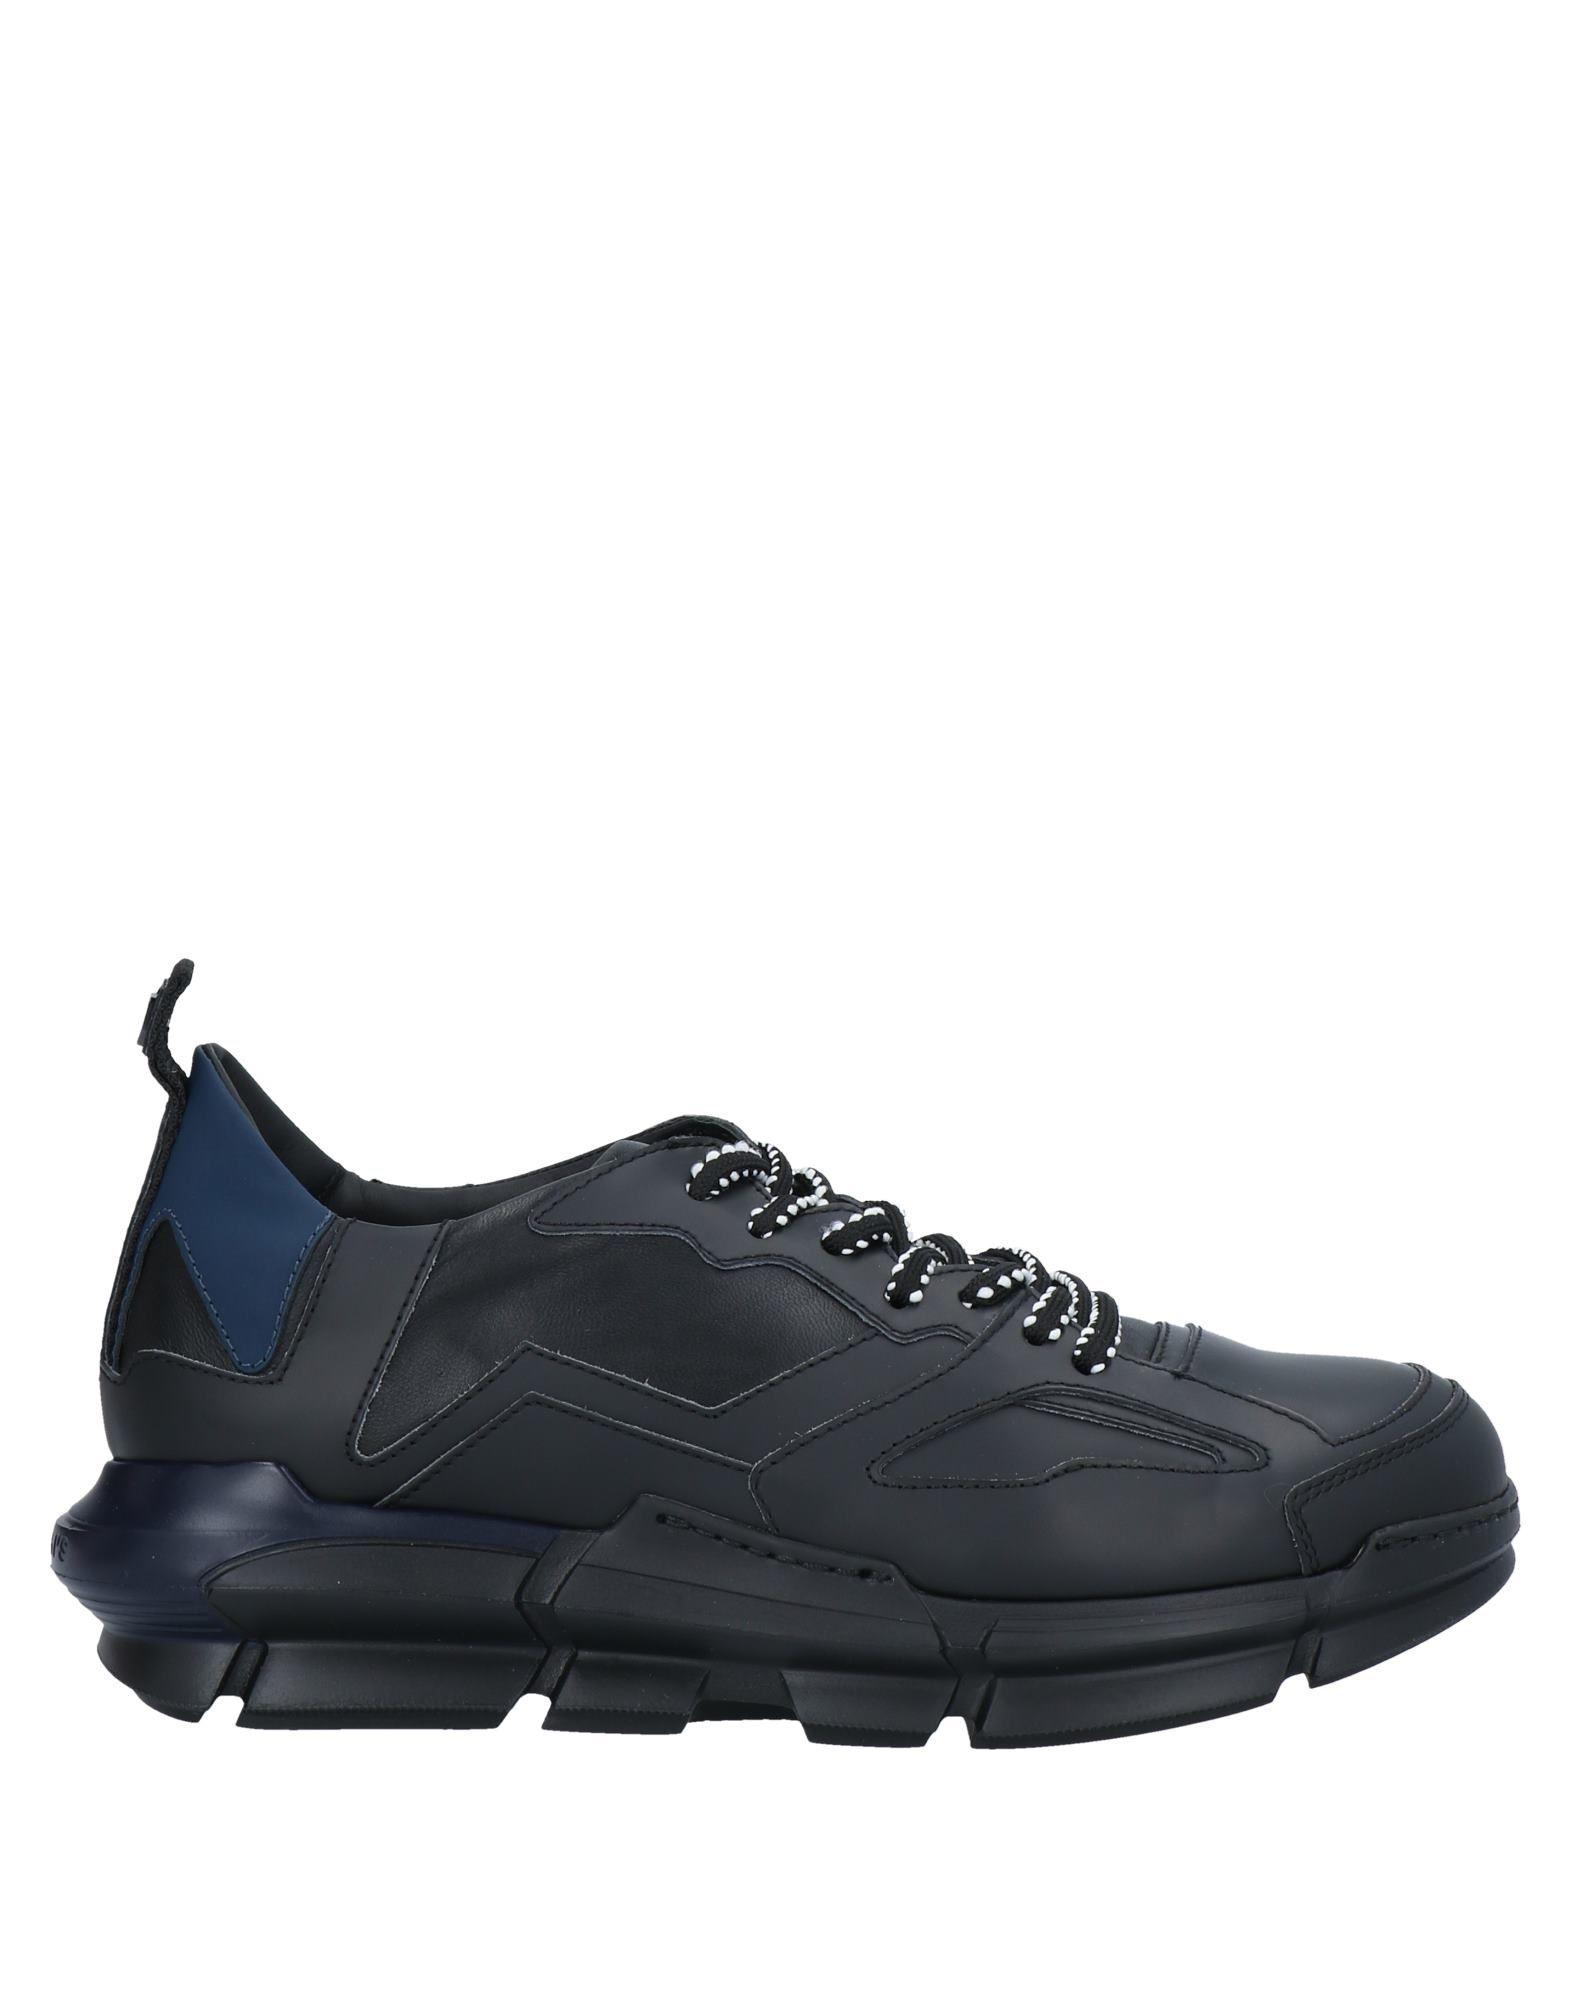 ATTIMONELLI'S メンズ スニーカー&テニスシューズ(ローカット) ブラック